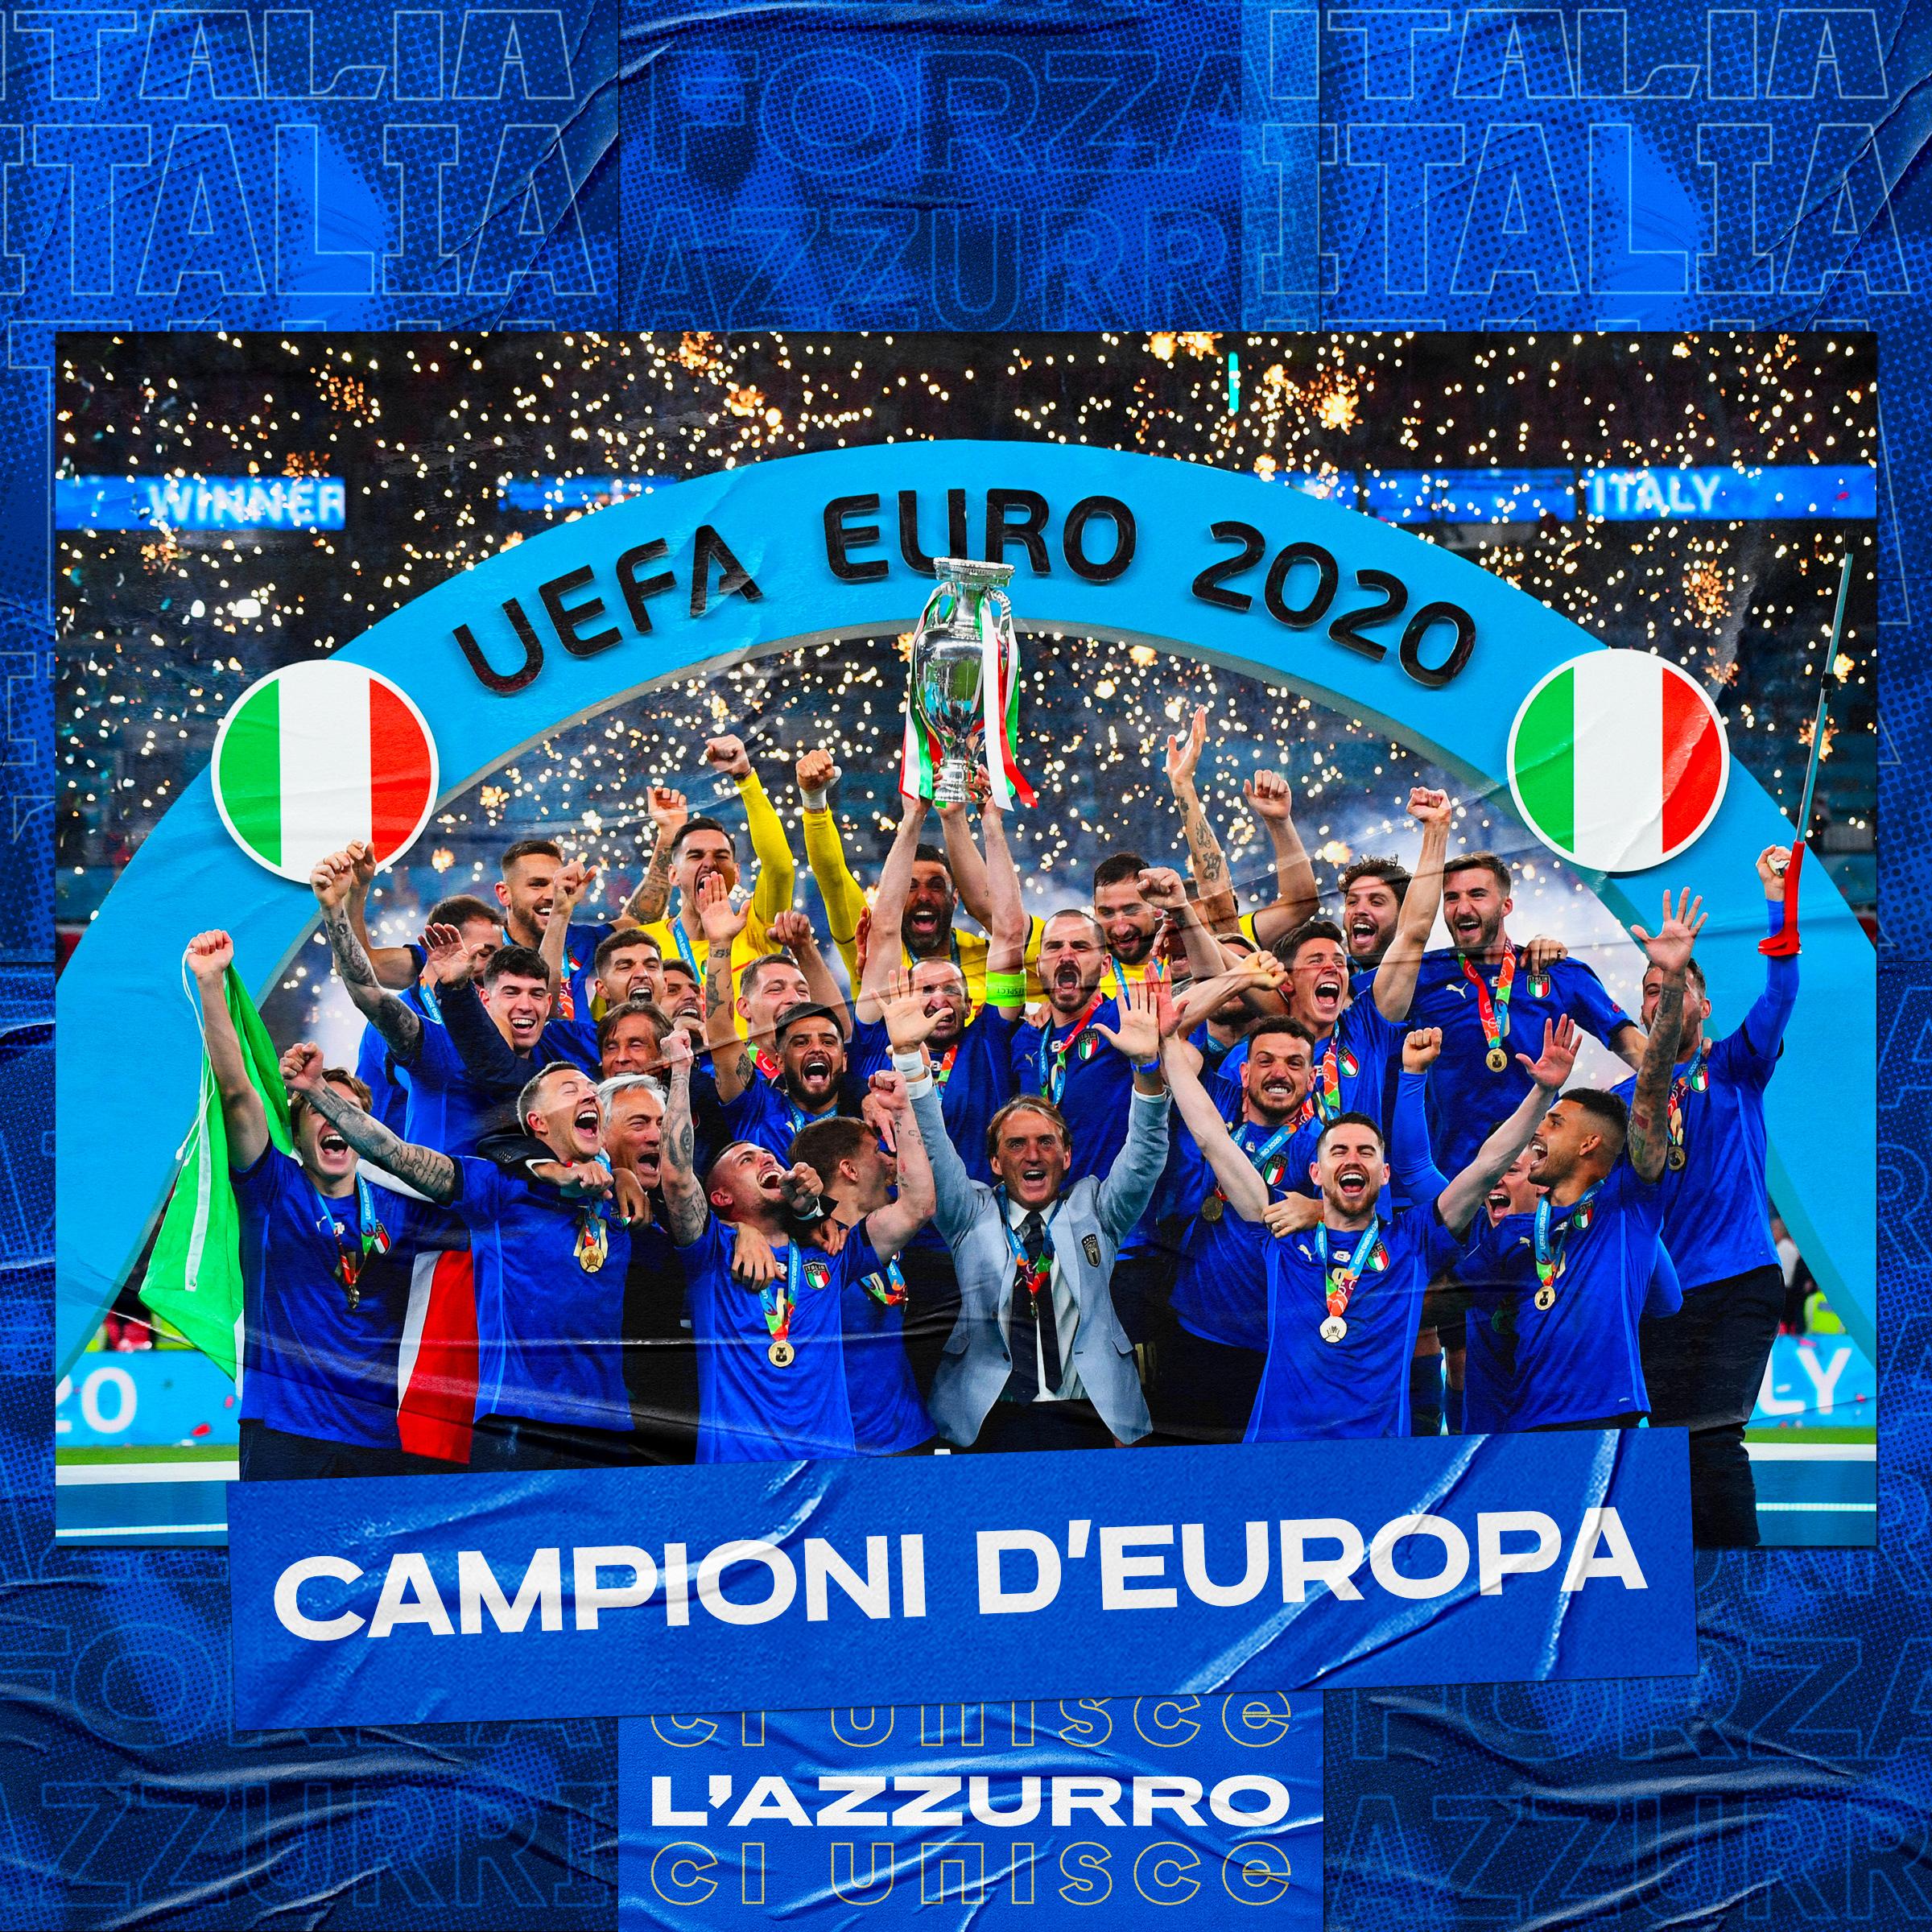 Italia: La Nazionale II - Page 35 E6EzbrVXIAMMXW2?format=jpg&name=4096x4096